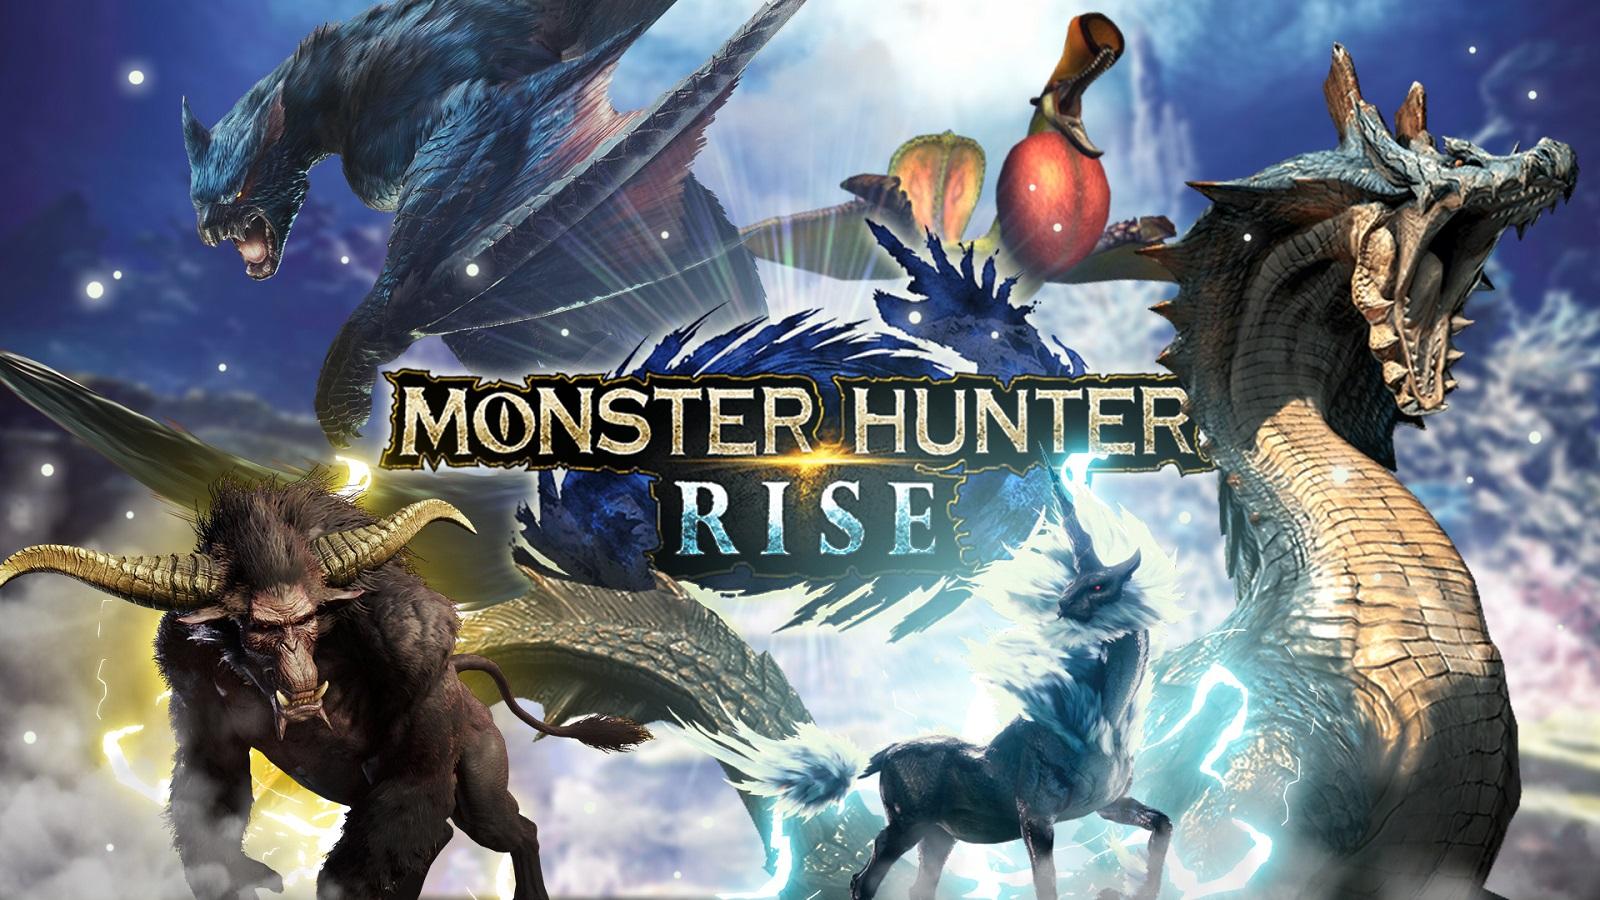 Monster Hunter monsters